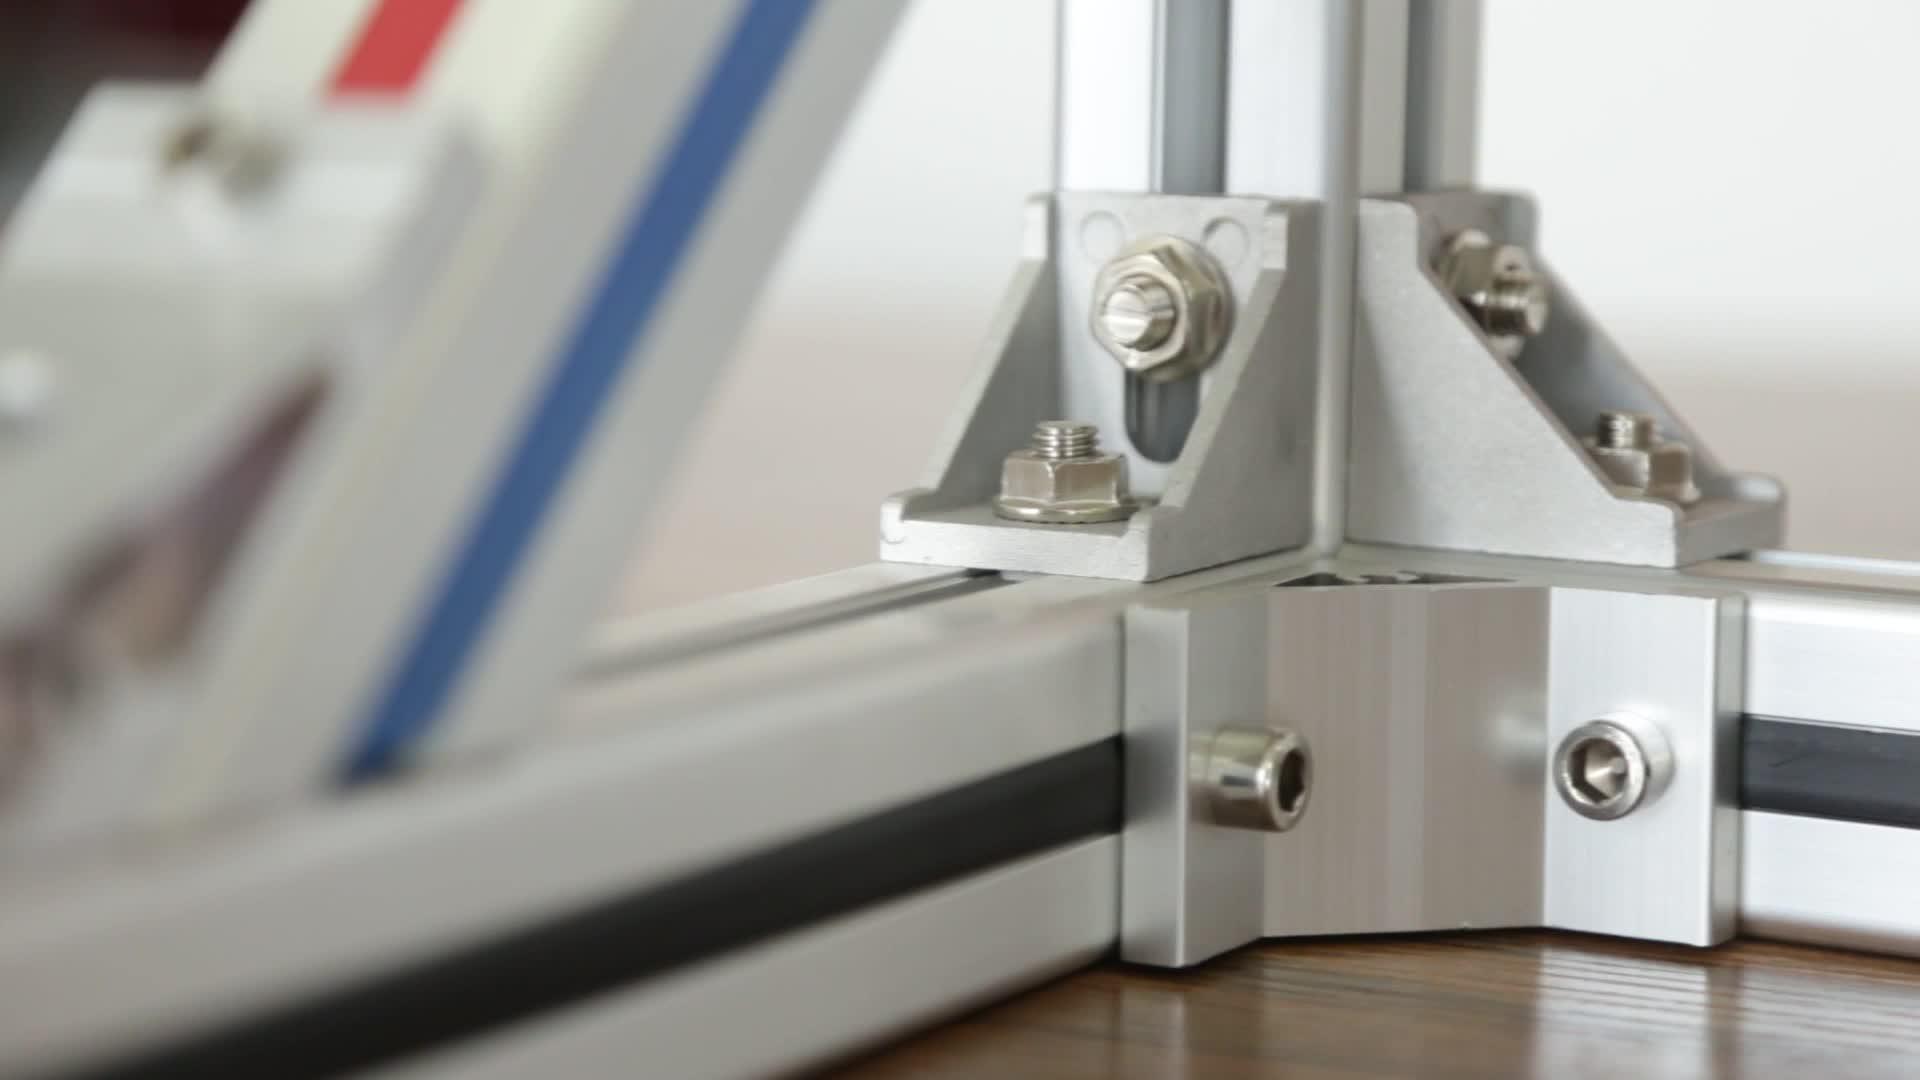 Industriel 40x40 cadre en aluminium matériel fabricant de supports t suivre v fente profilé en aluminium extrudé